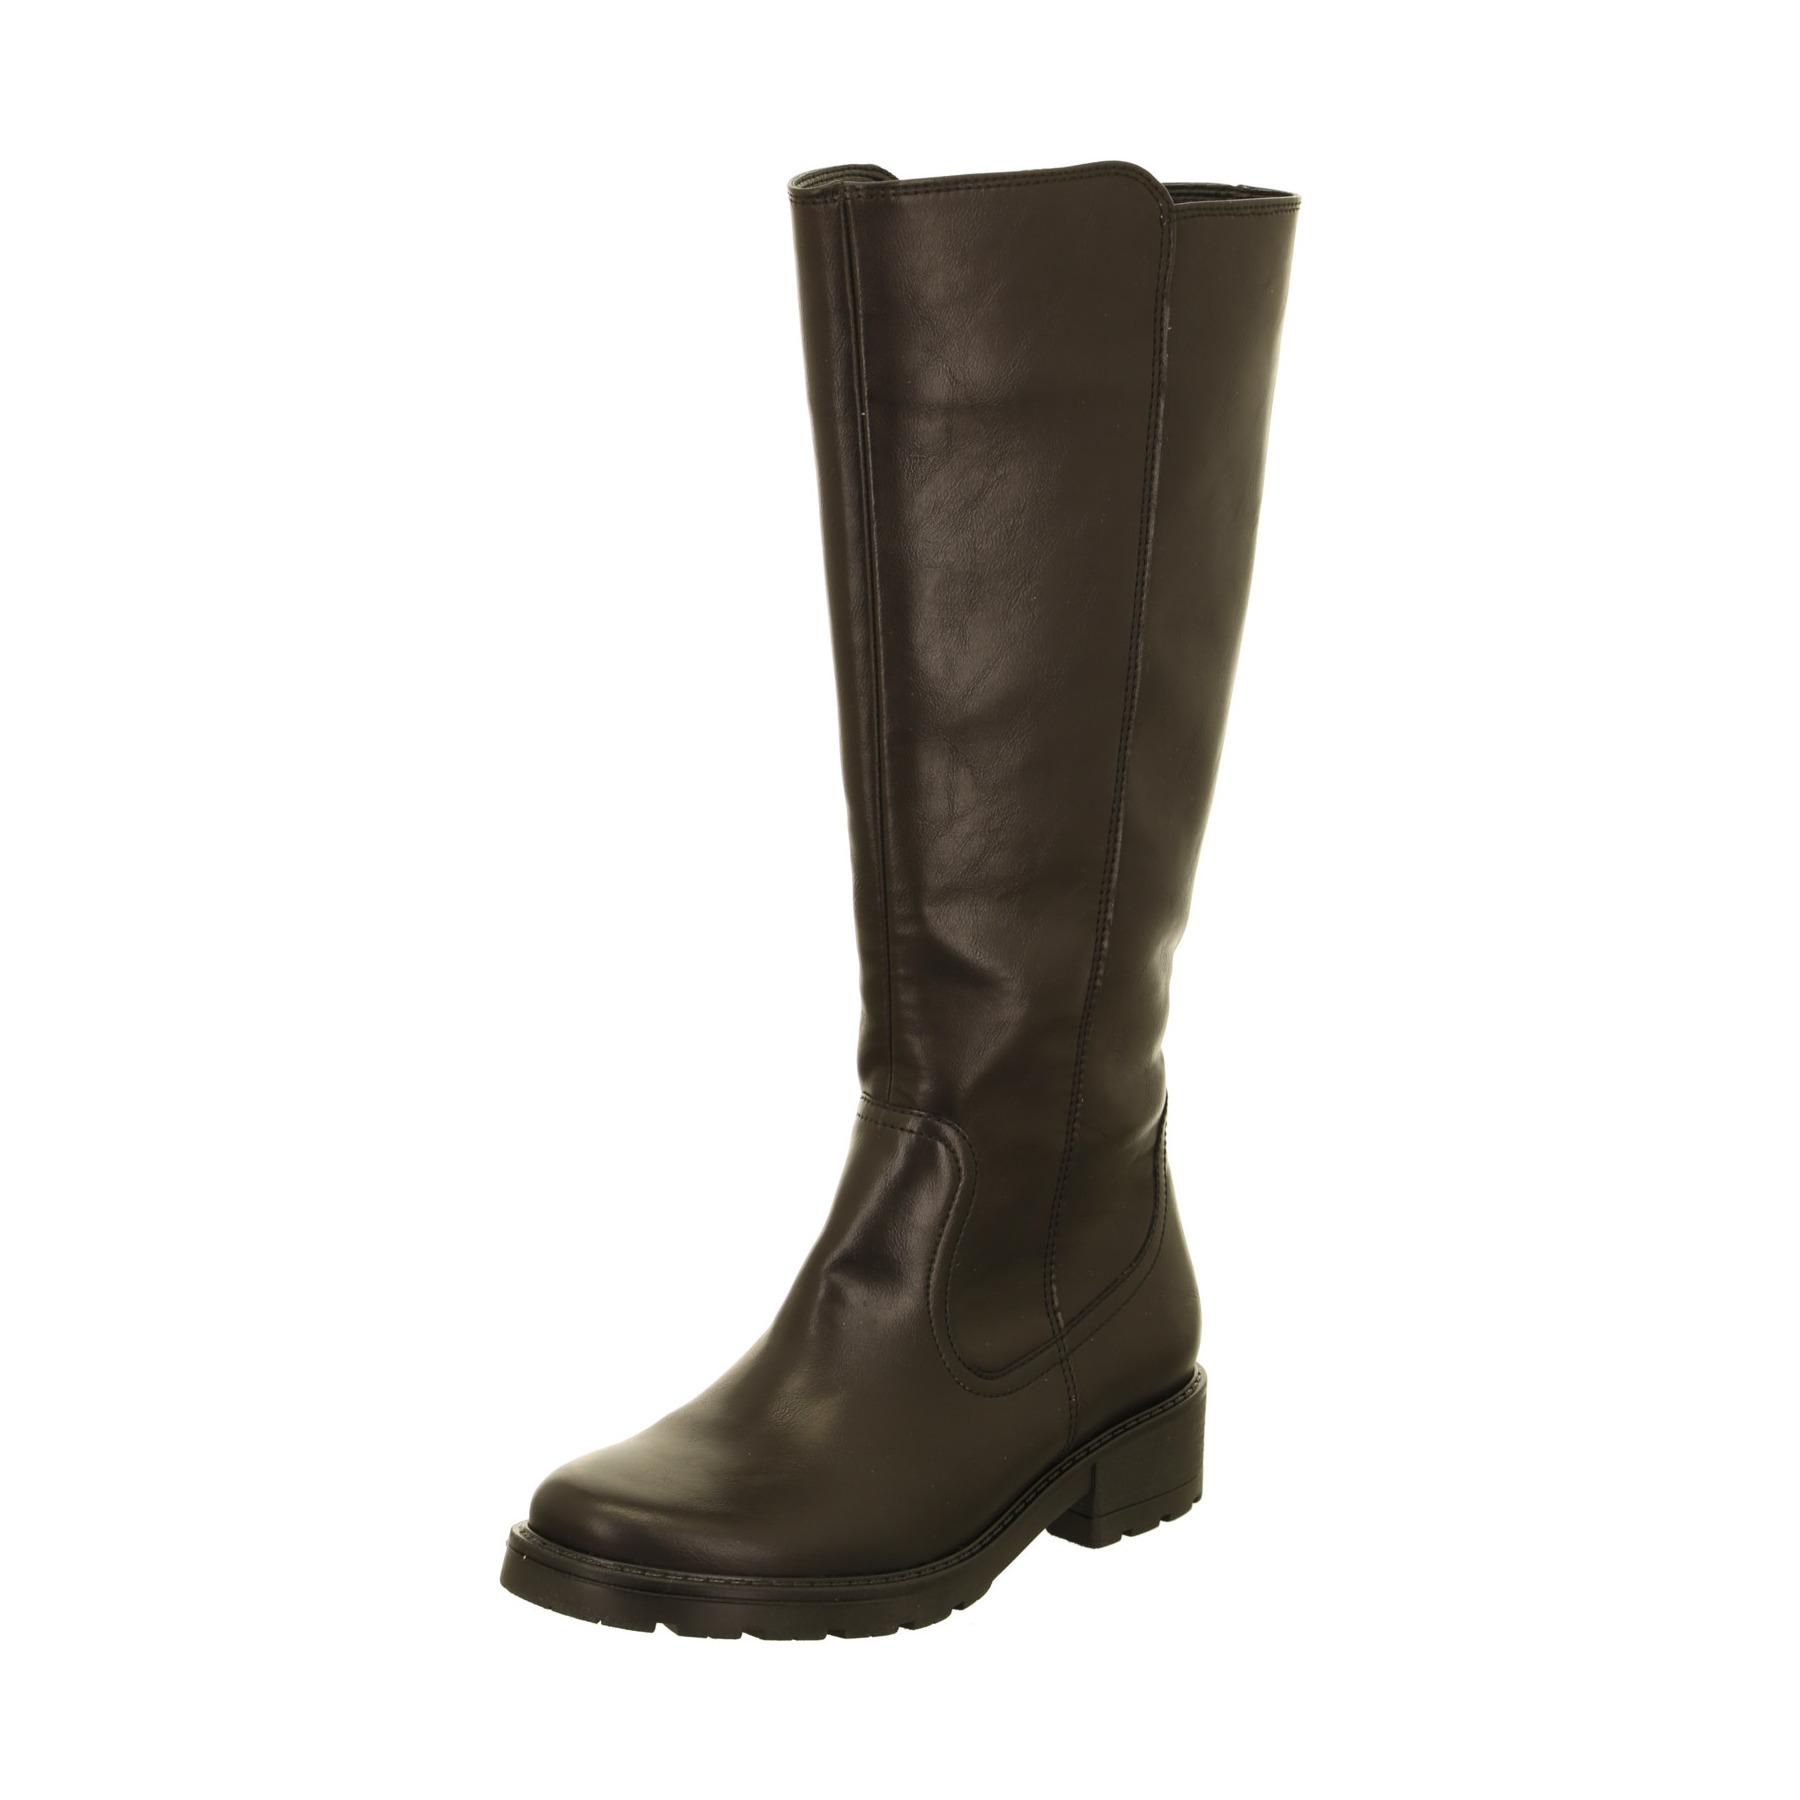 e5783b15fe Soňa - Dámska obuv - Čižmy - Dámska čižma vysoká zateplená na nízkom ...